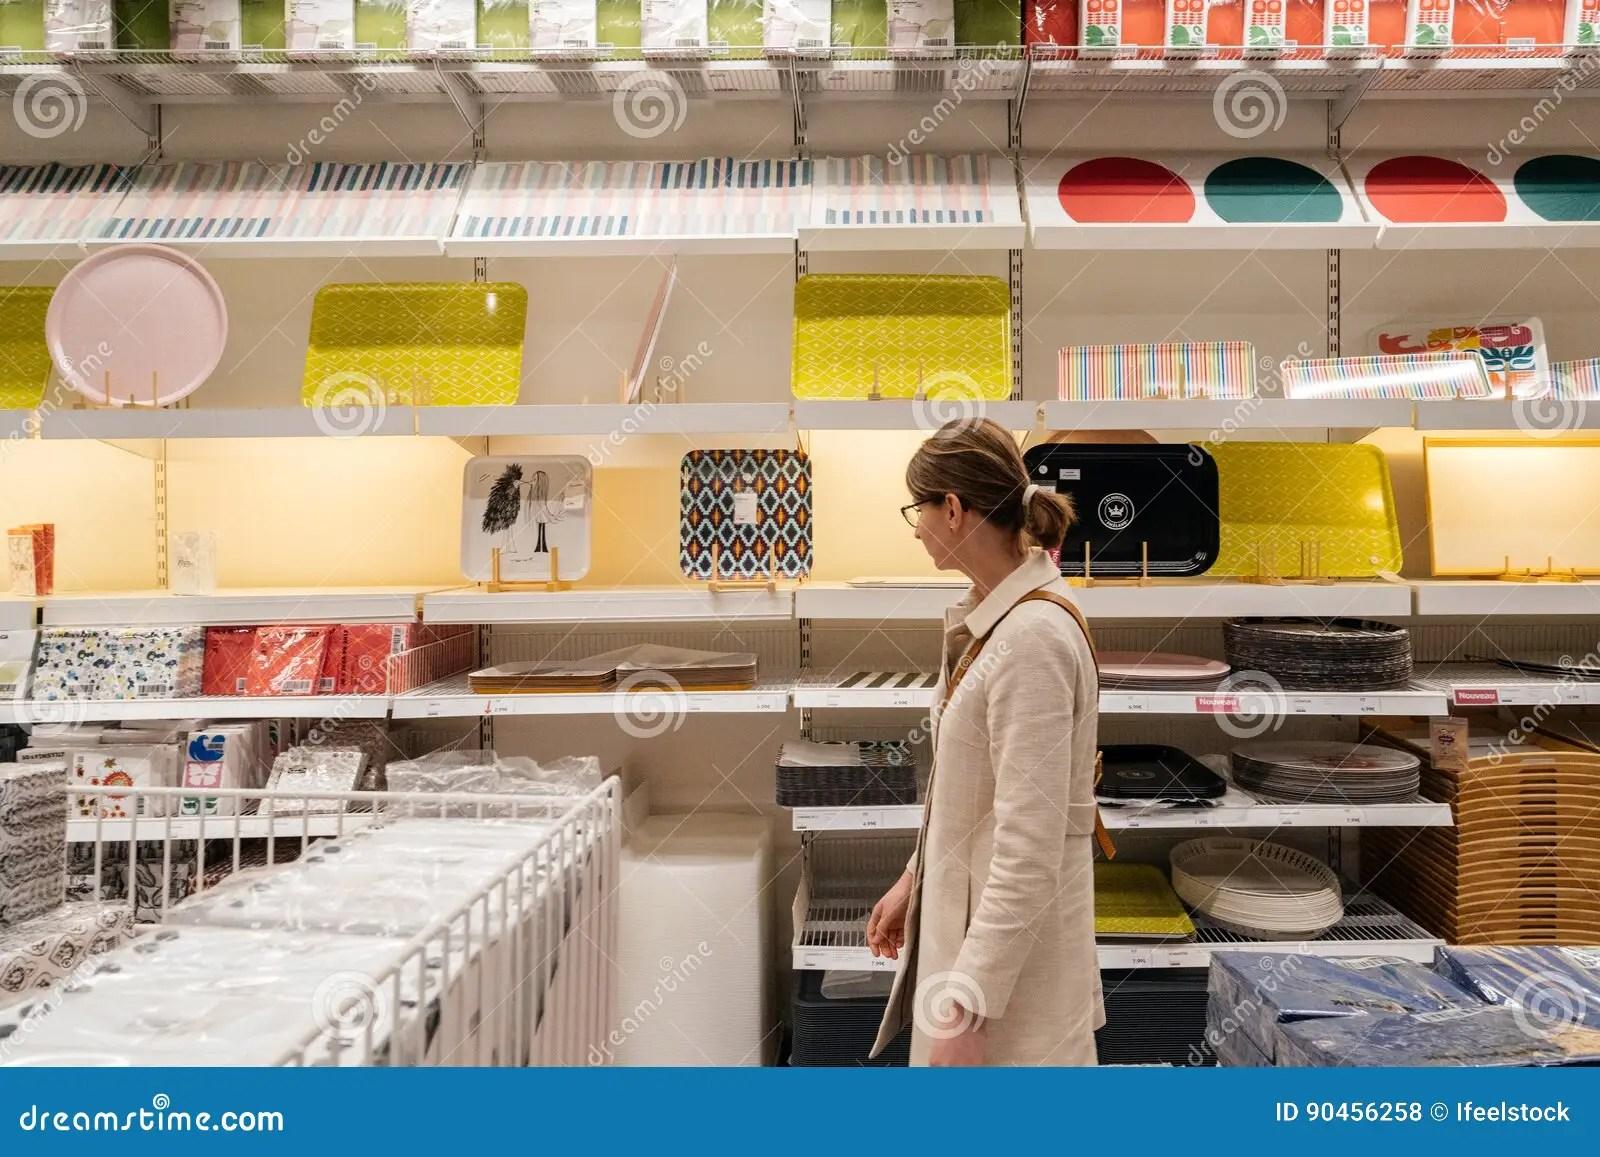 ikea kitchen lighting appliance suite 在宜家家具店的妇女购物编辑类库存照片 图片包括有厨房 销售额 家具 巴黎 法国 2017年4月10日 不同的厨房辅助部件的妇女购物在宜家超级市场家具店里面